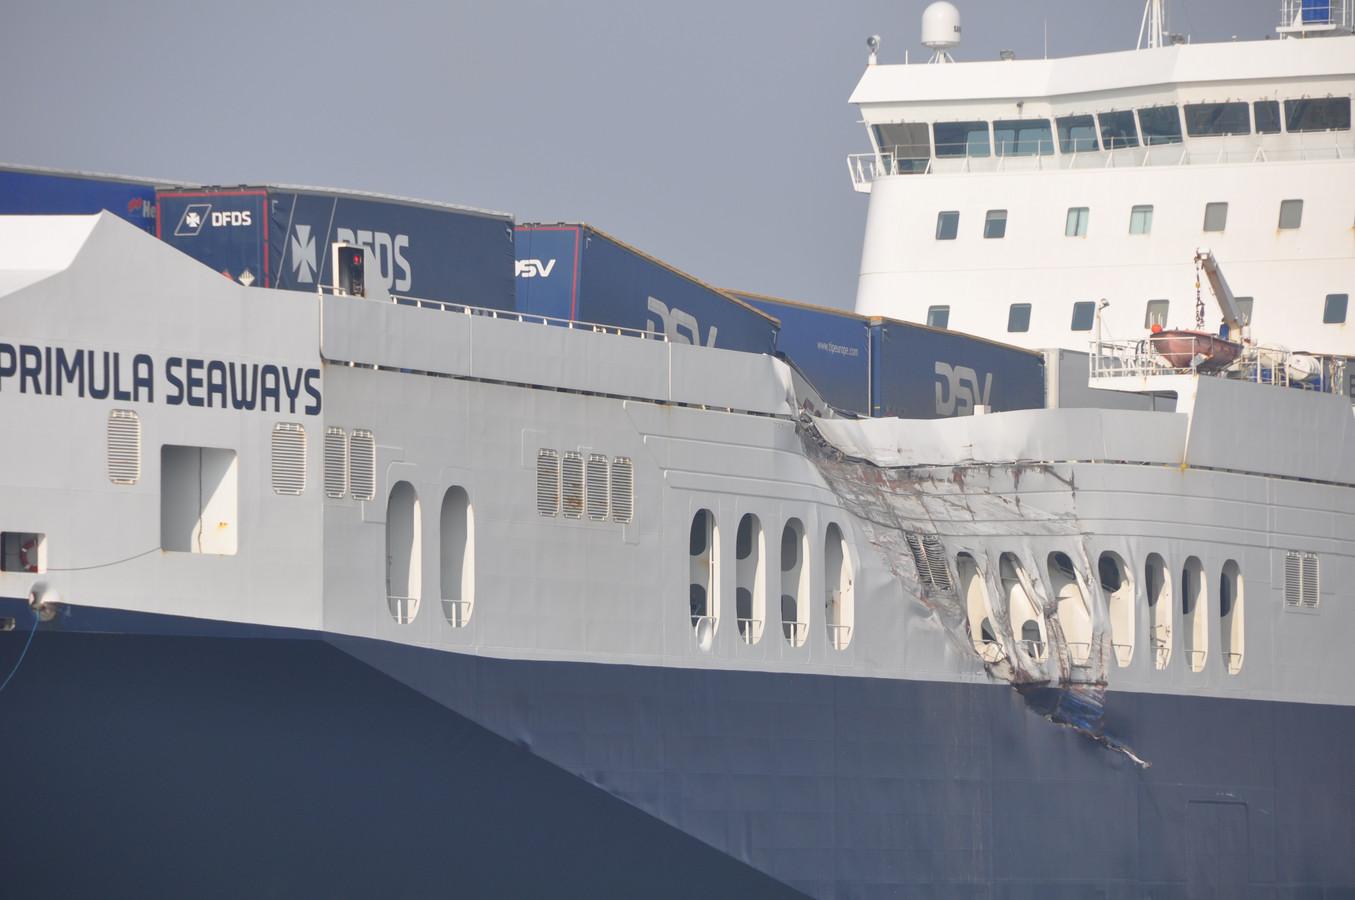 De Primula raakte zwaar beschadigd, maar kon verder varen.